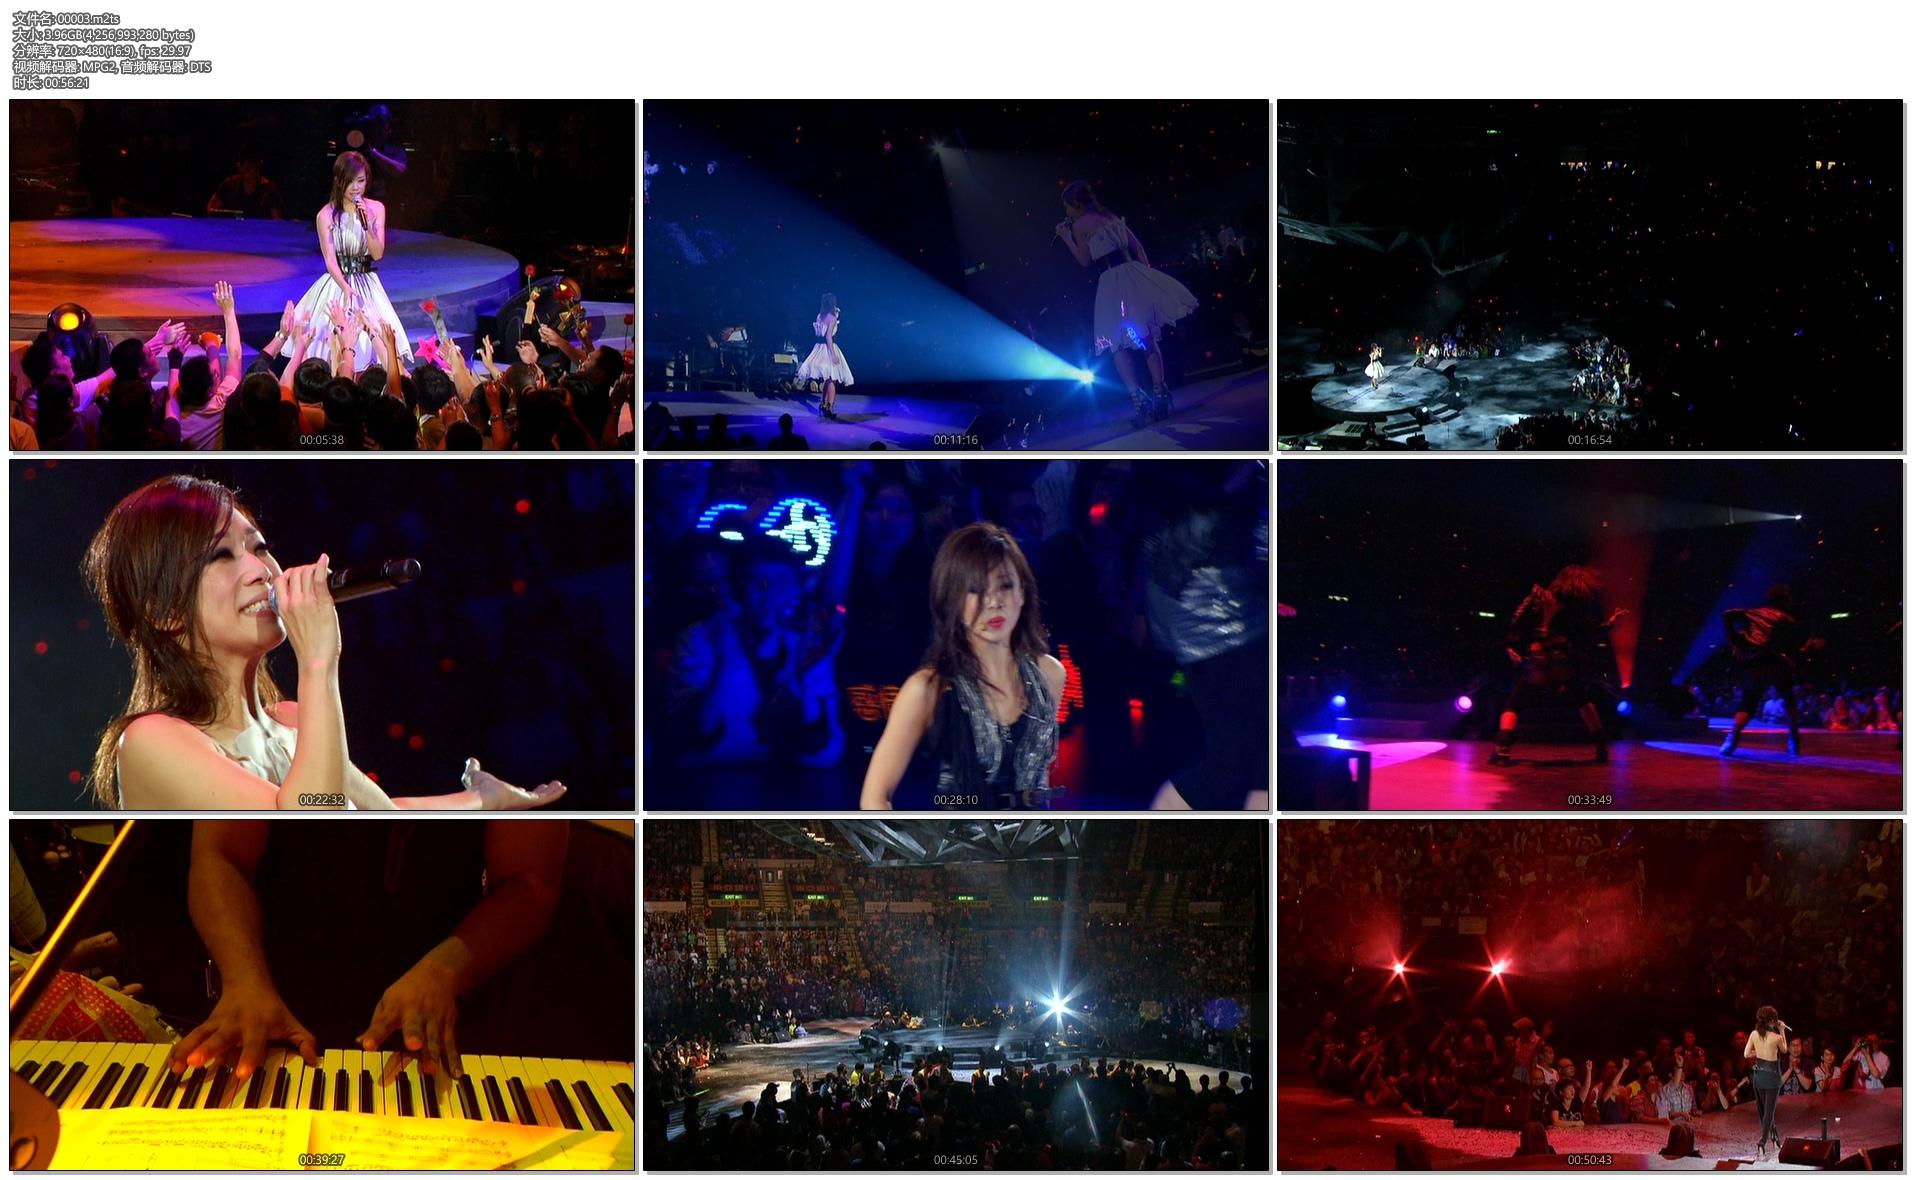 [蓝光原盘] 林忆莲香港演唱会 Sandy Lam Concert 2012《13.61G》PowerDVD 18测试播放正常插图(2)